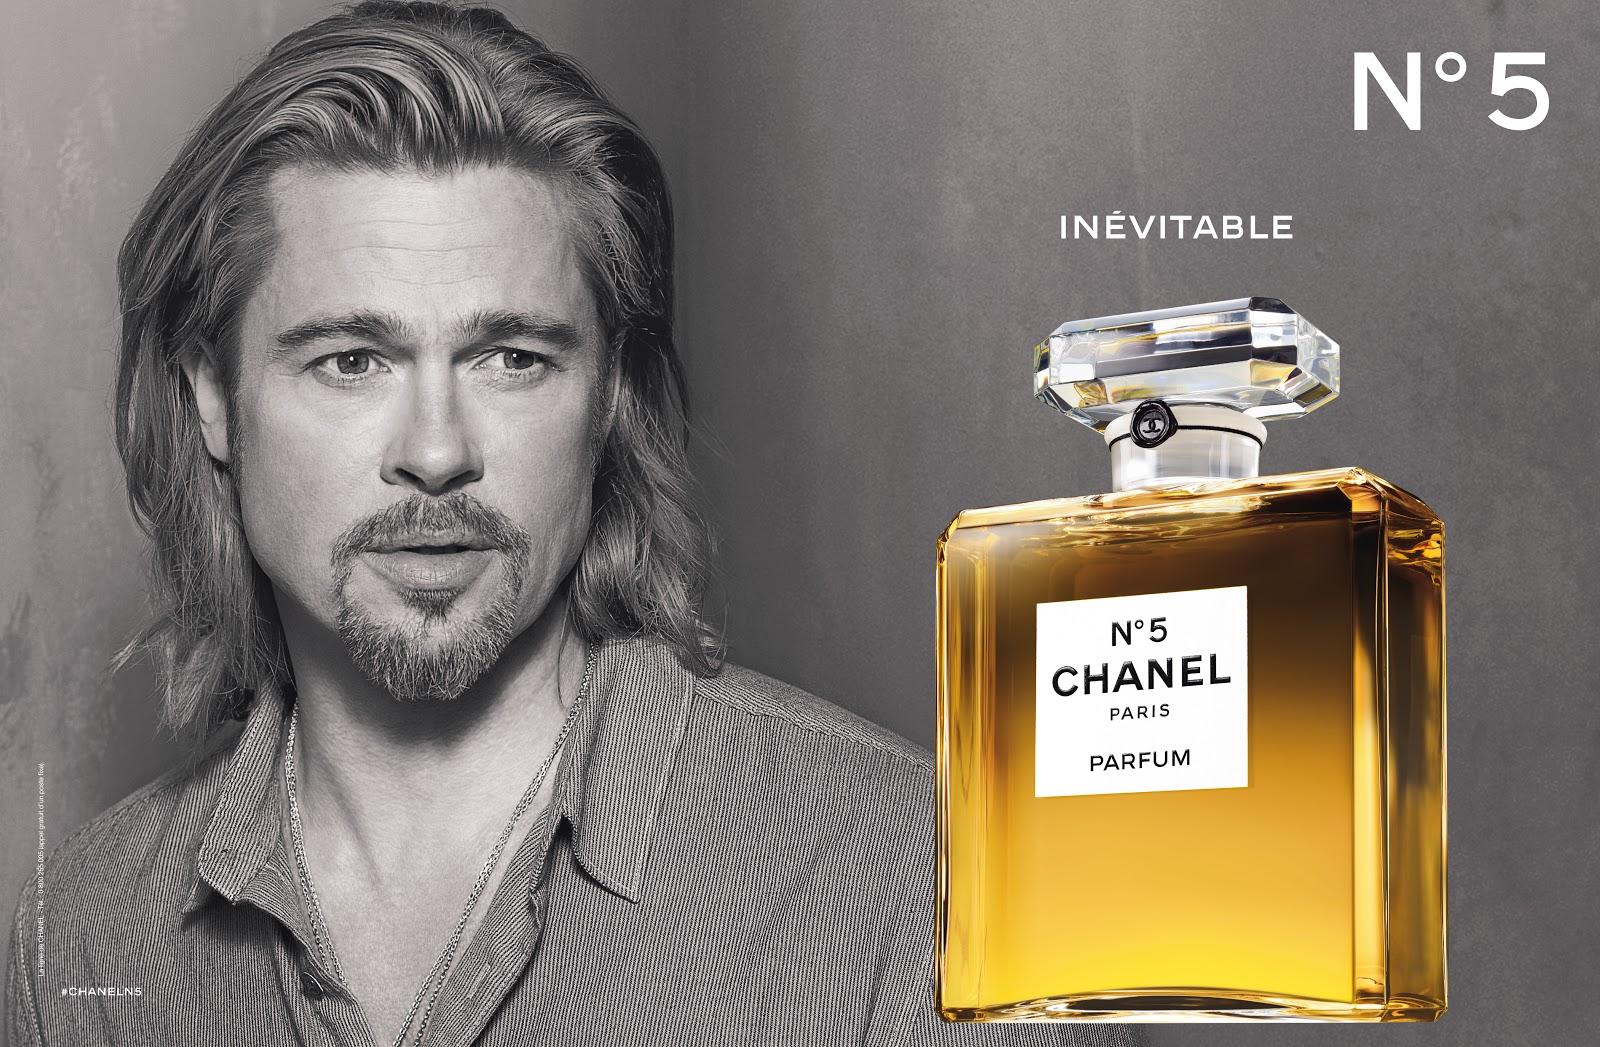 perfume-chanel-n5-brad-pit